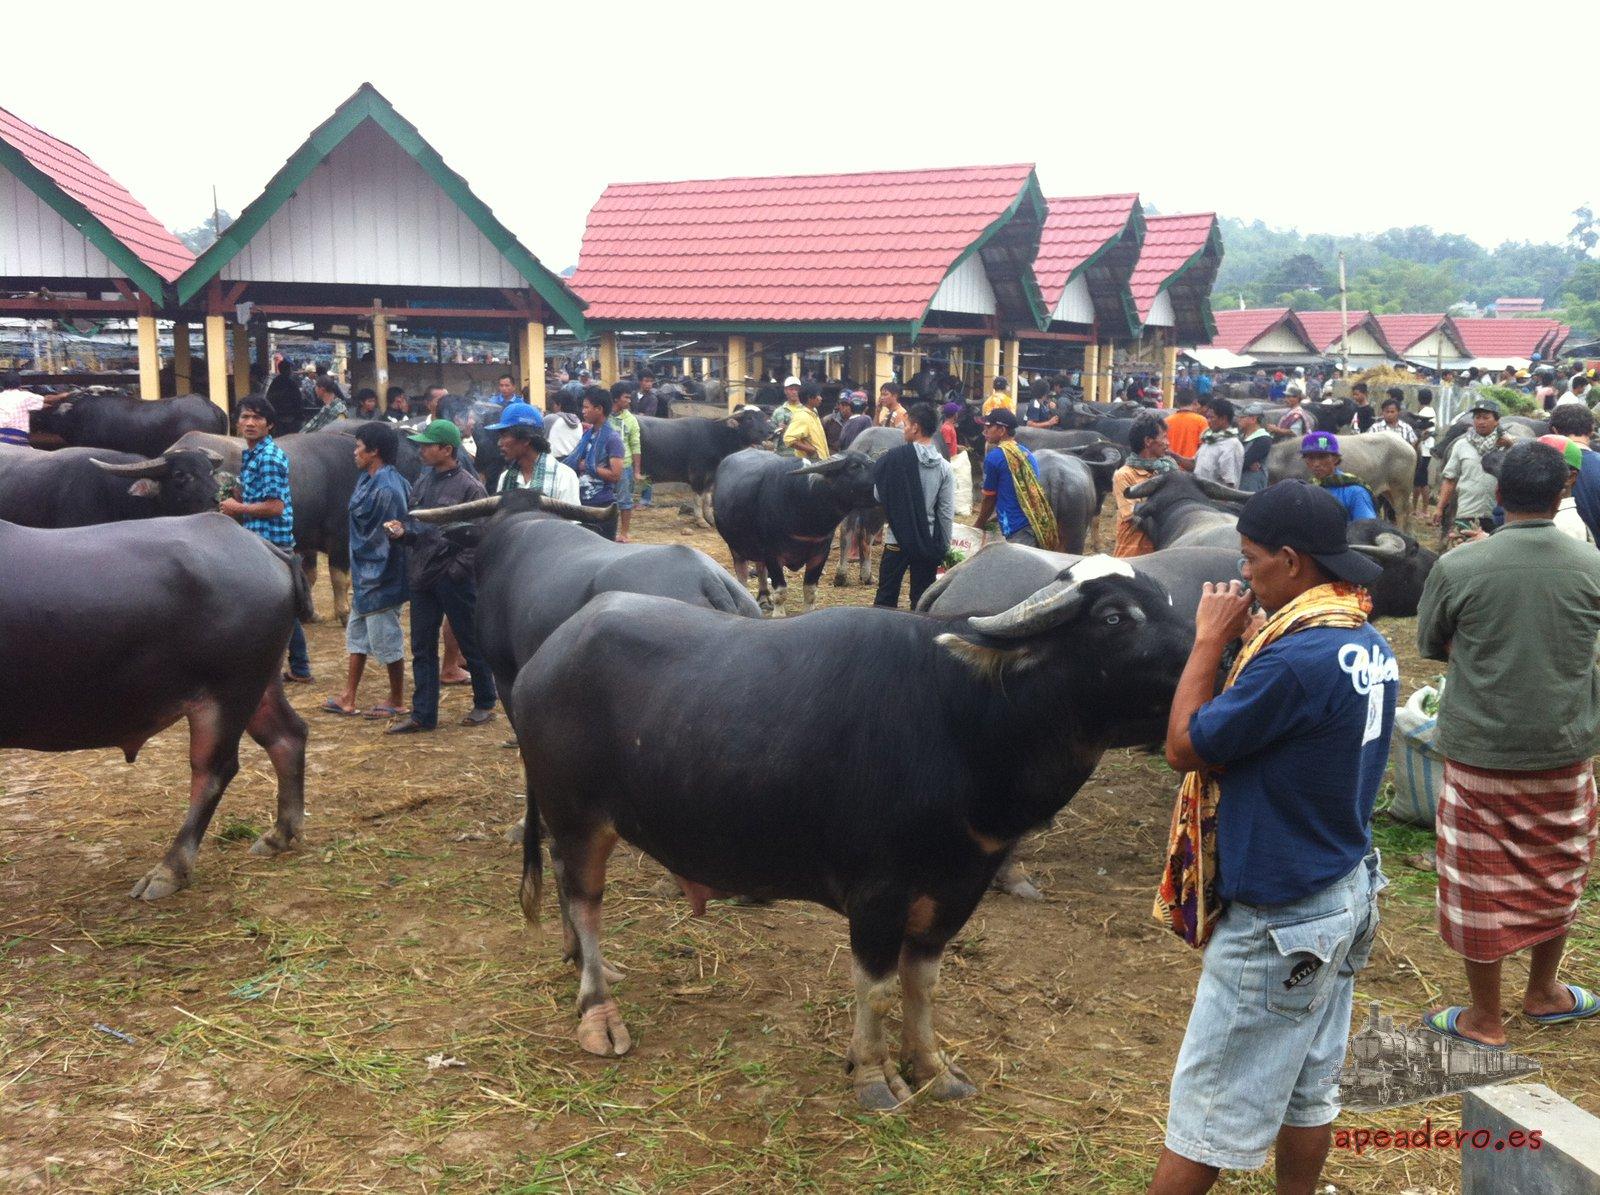 Visitar la feria de ganado semanal es otra de las experiencias que no hay que perderse. Aquí se compran y se venden los animales que se sacrificarán.